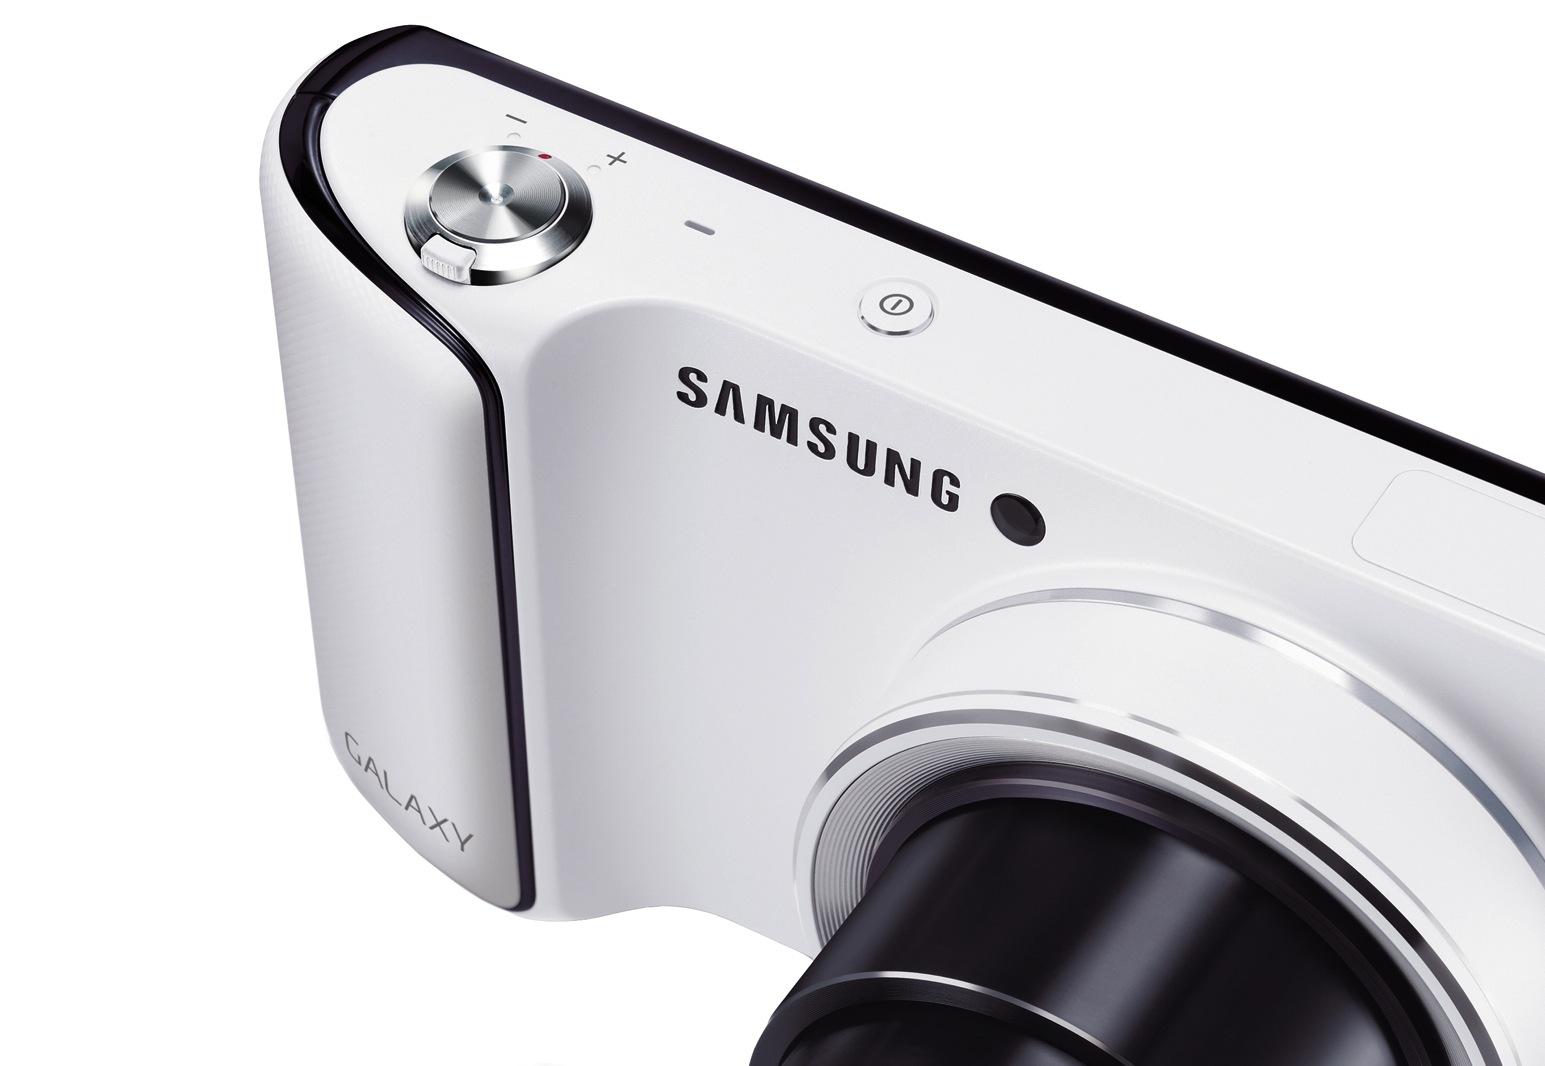 サムスン、前モデルからカメラの性能を大幅に向上した「GALAXY Camera2」を開発か